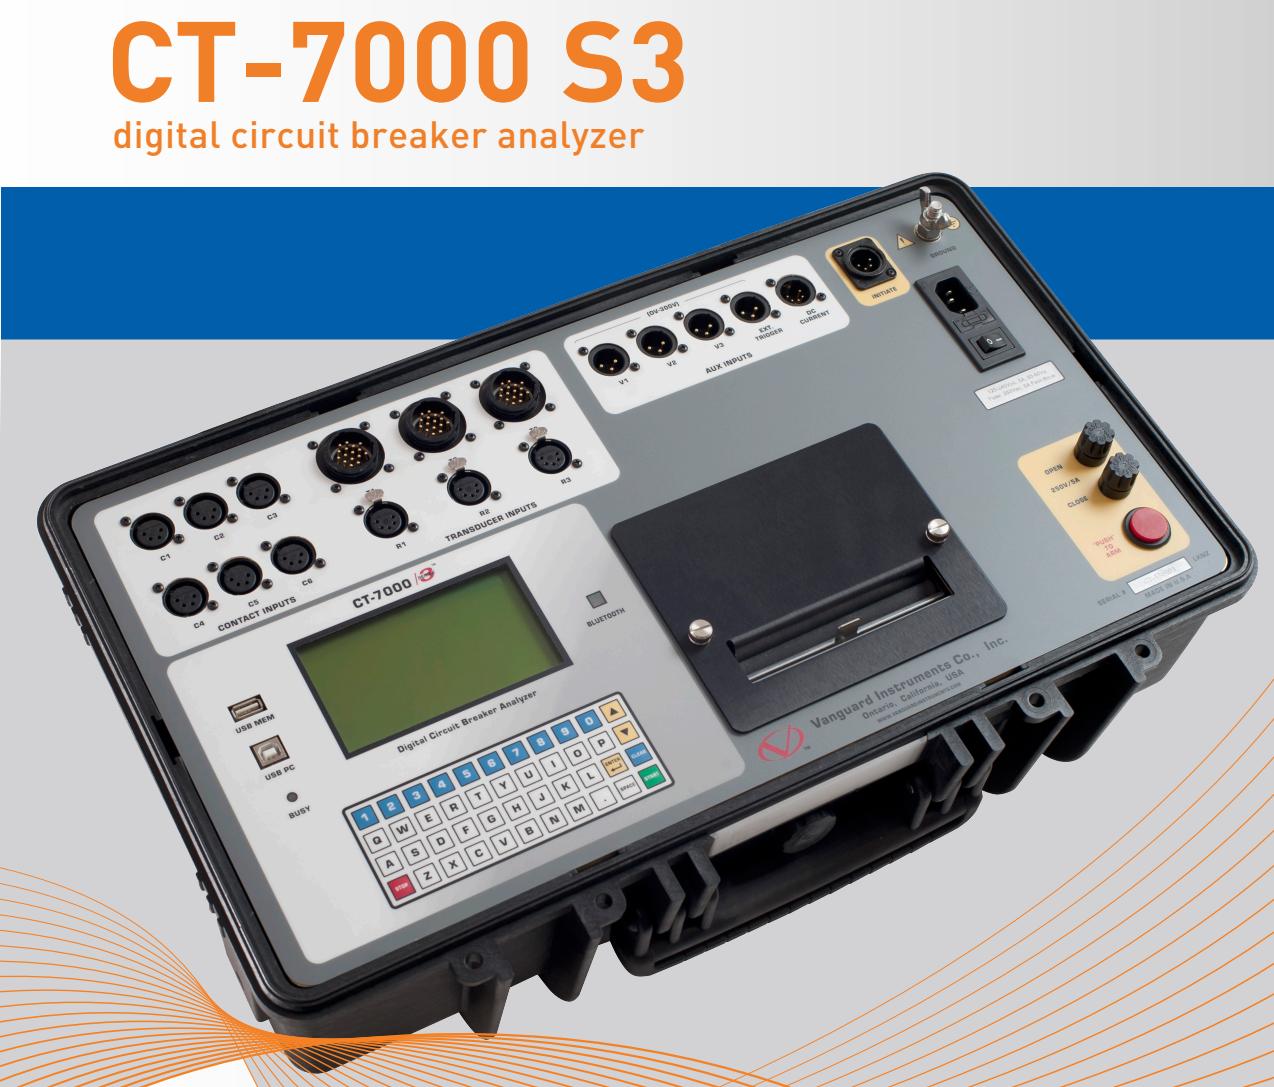 Thiết bị phân tích máy cắt CT-7000 S3